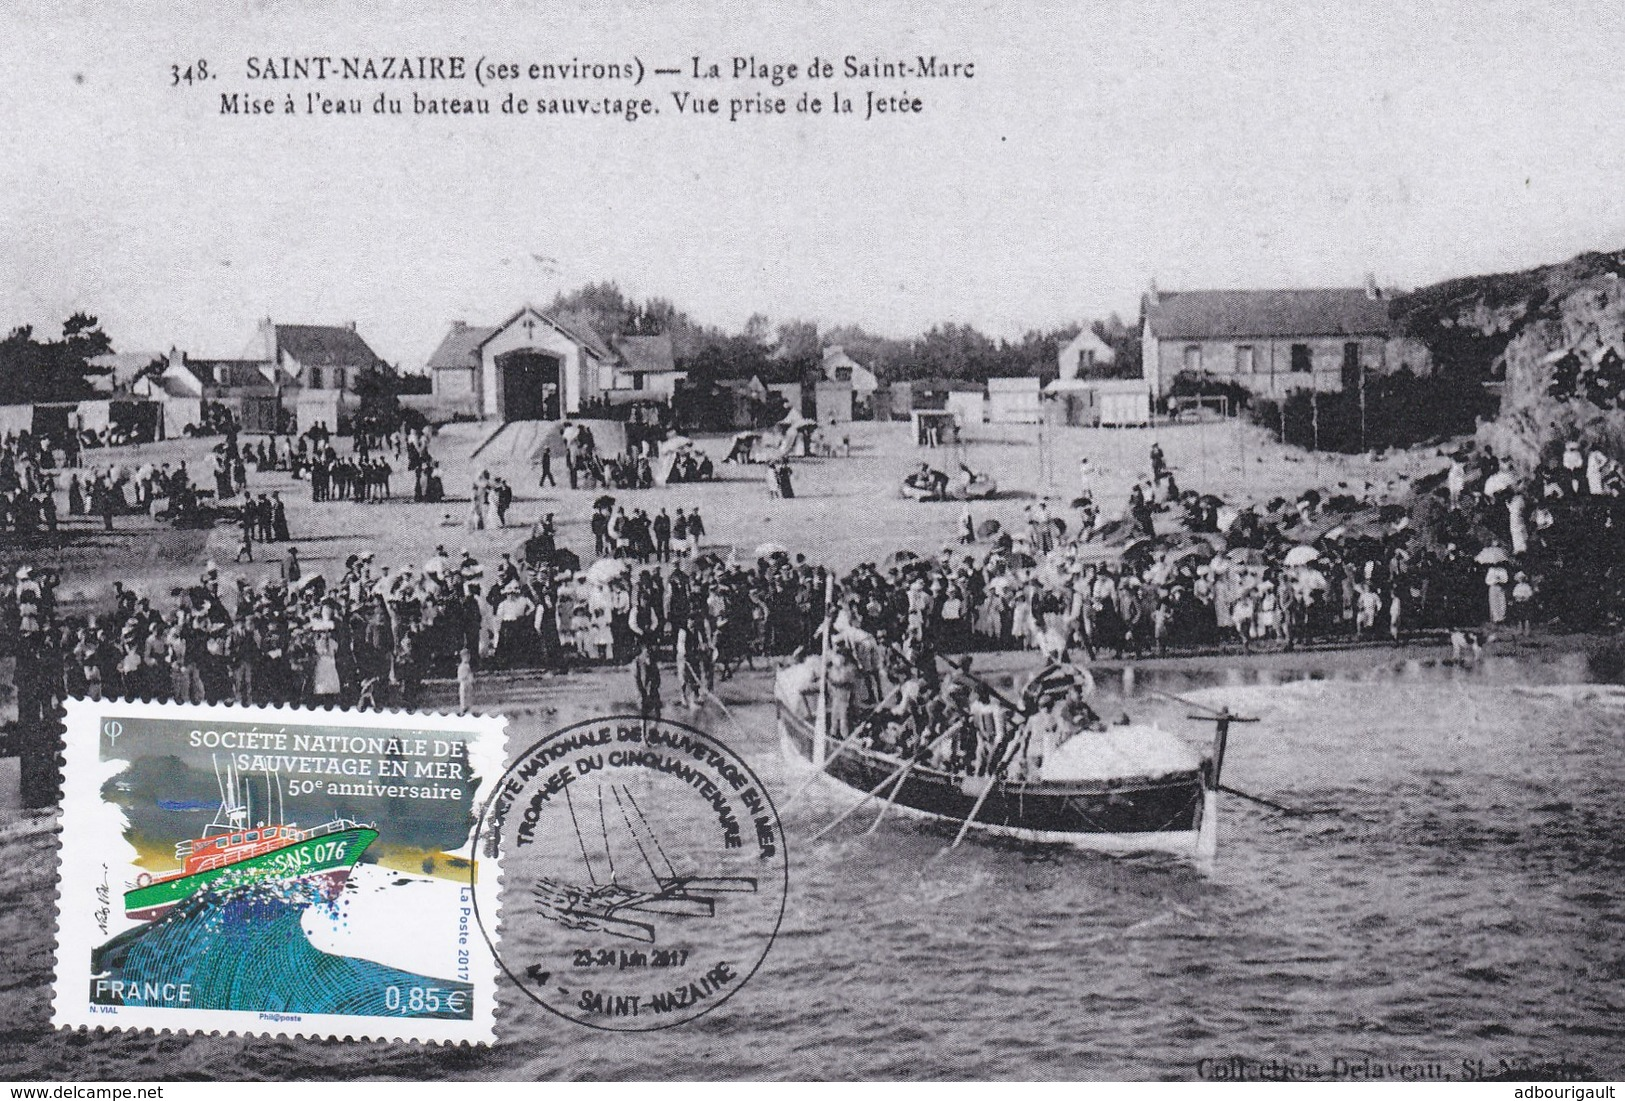 Carte Maximum Snsm 2017 50e Anniversaire Saint Nazaire Societe Nationale De Sauvetage En Mer Obliteration 23 24 Juin - Cartoline Maximum